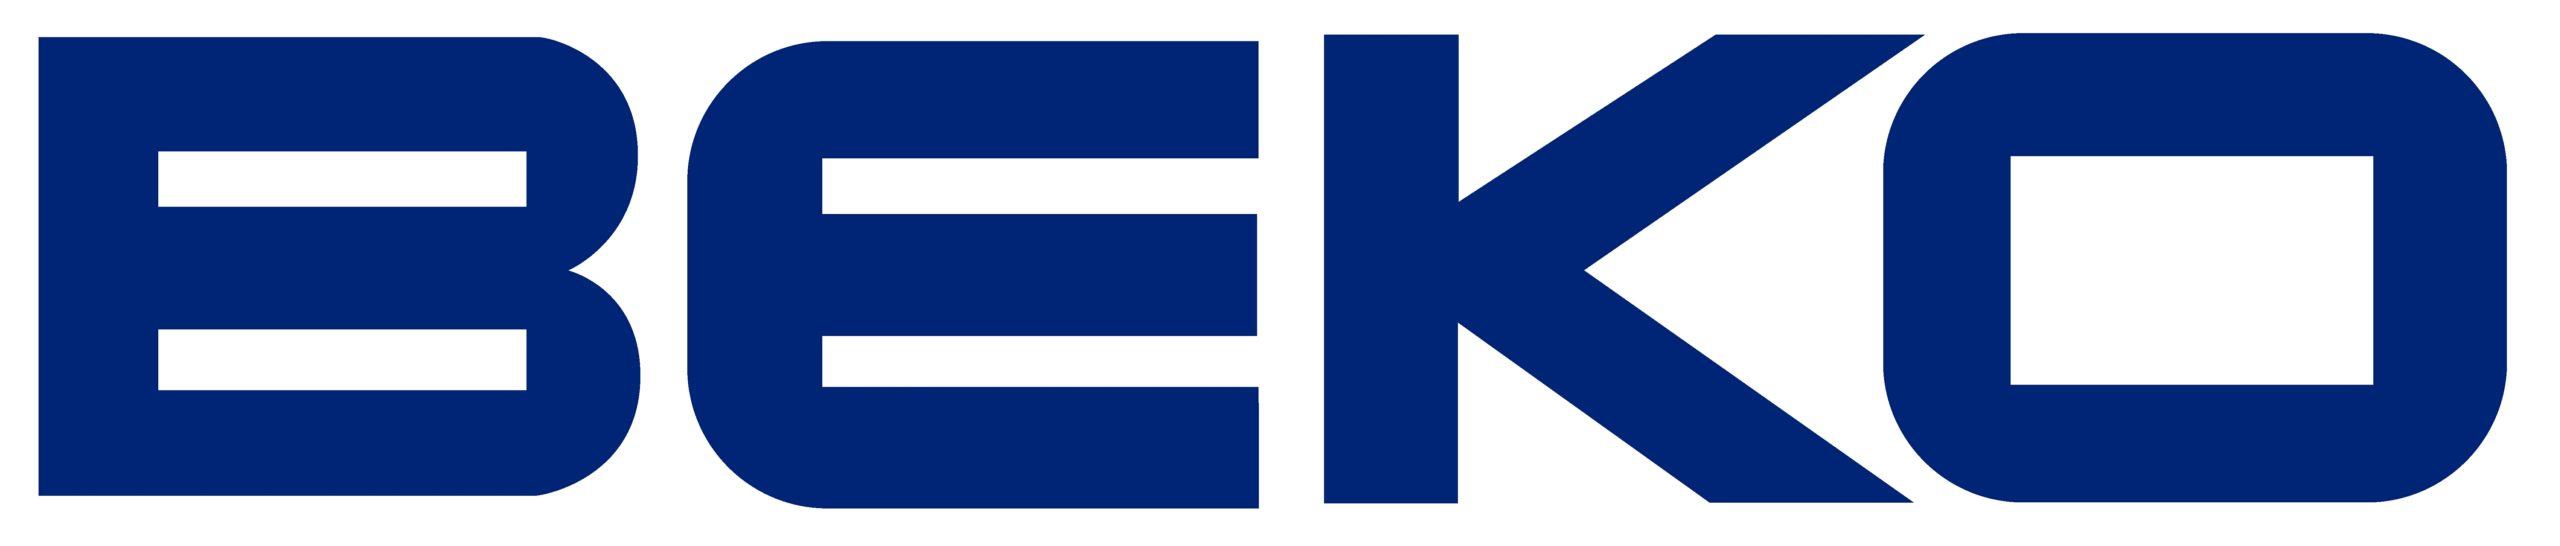 informace o lednicích značky Beko